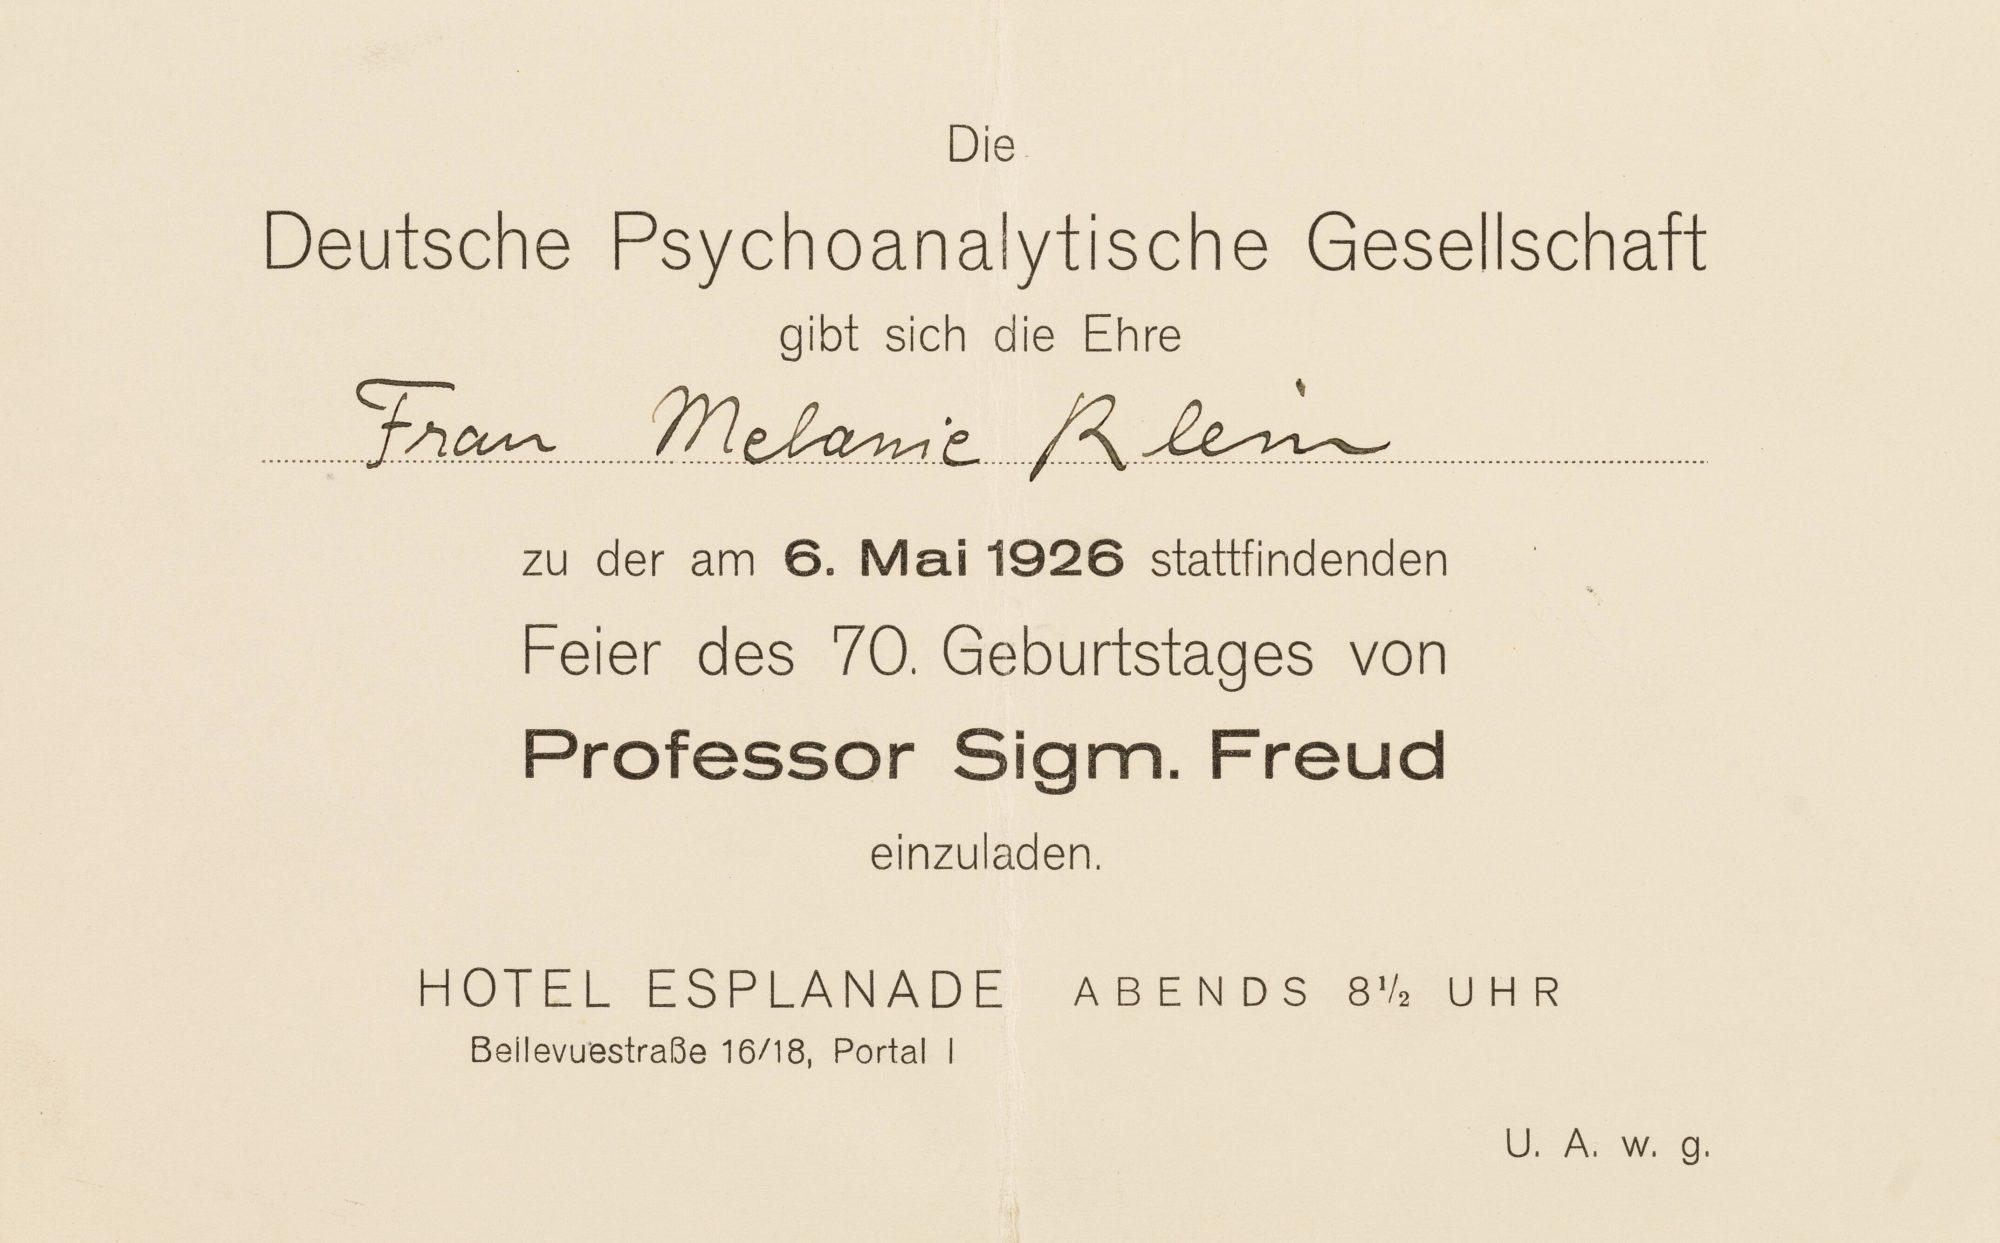 Invitation à la fête d'anniversaire des 70 ans de Freud, le 6 mai 1926 à l'Hôtel Esplanade à Berlin